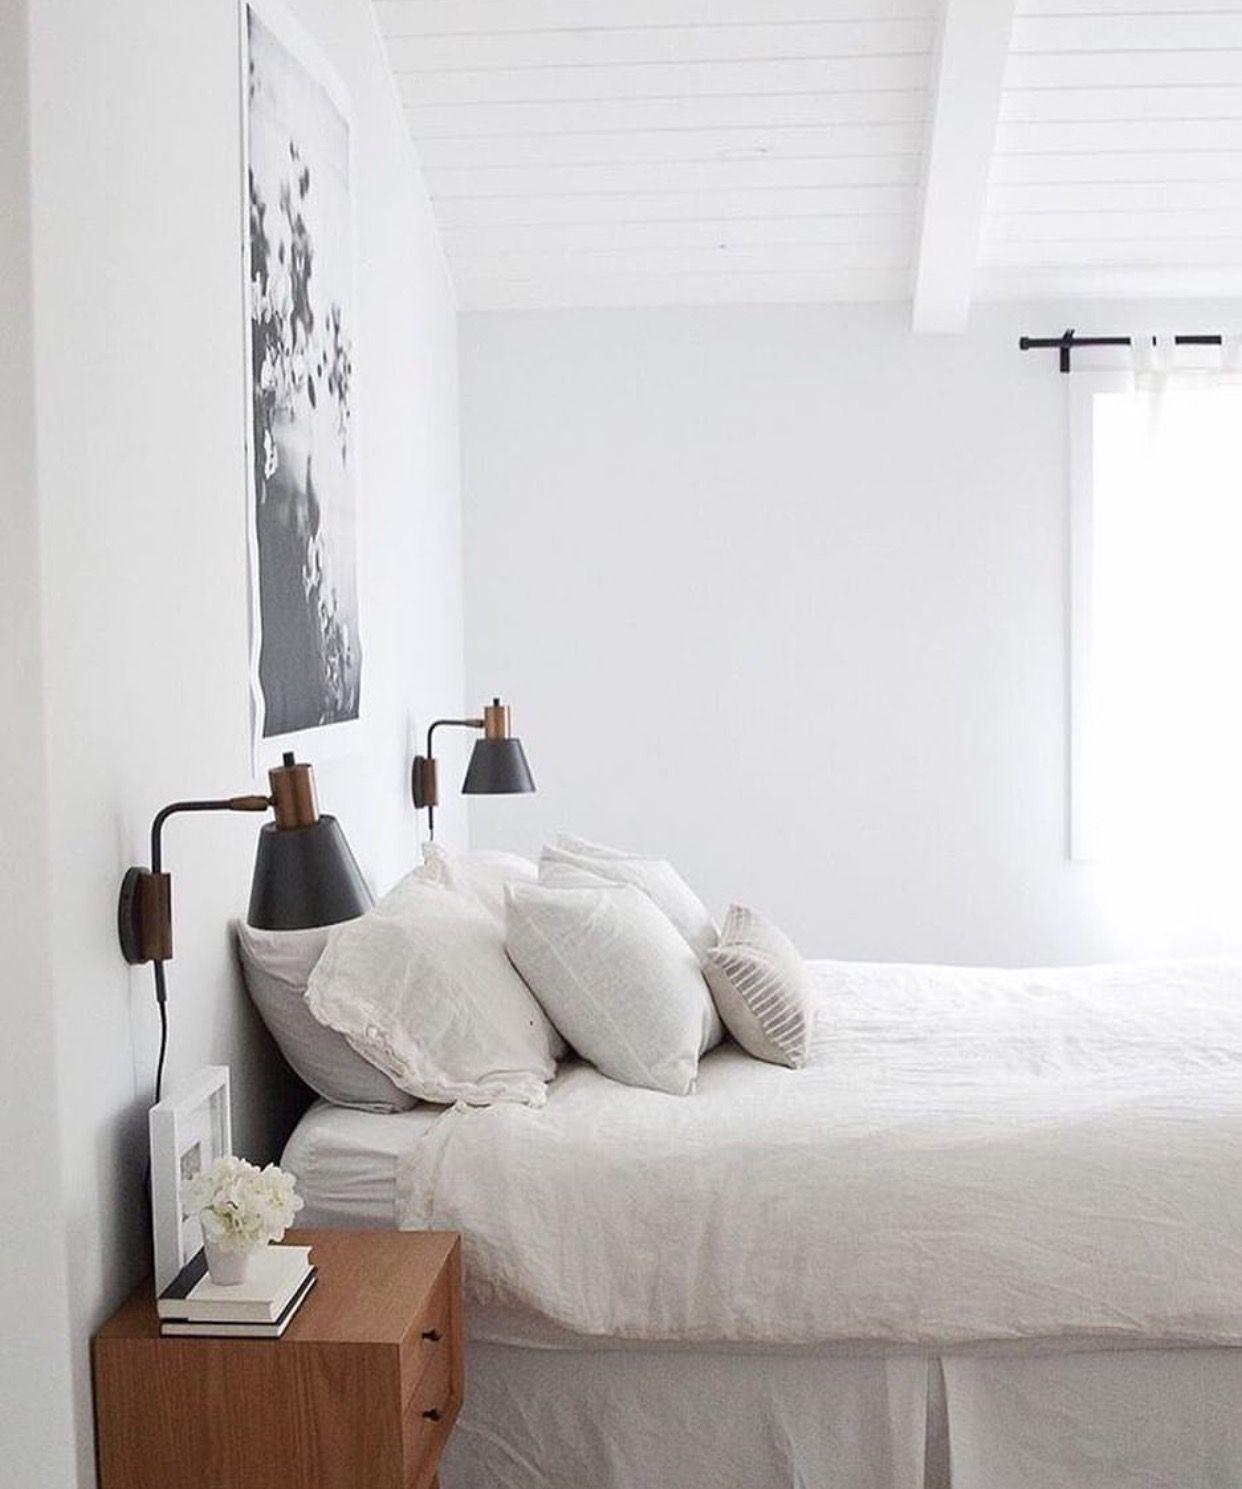 pin von melanie riedl auf home pinterest raumgestaltung ideen schlafzimmer und raumgestaltung. Black Bedroom Furniture Sets. Home Design Ideas